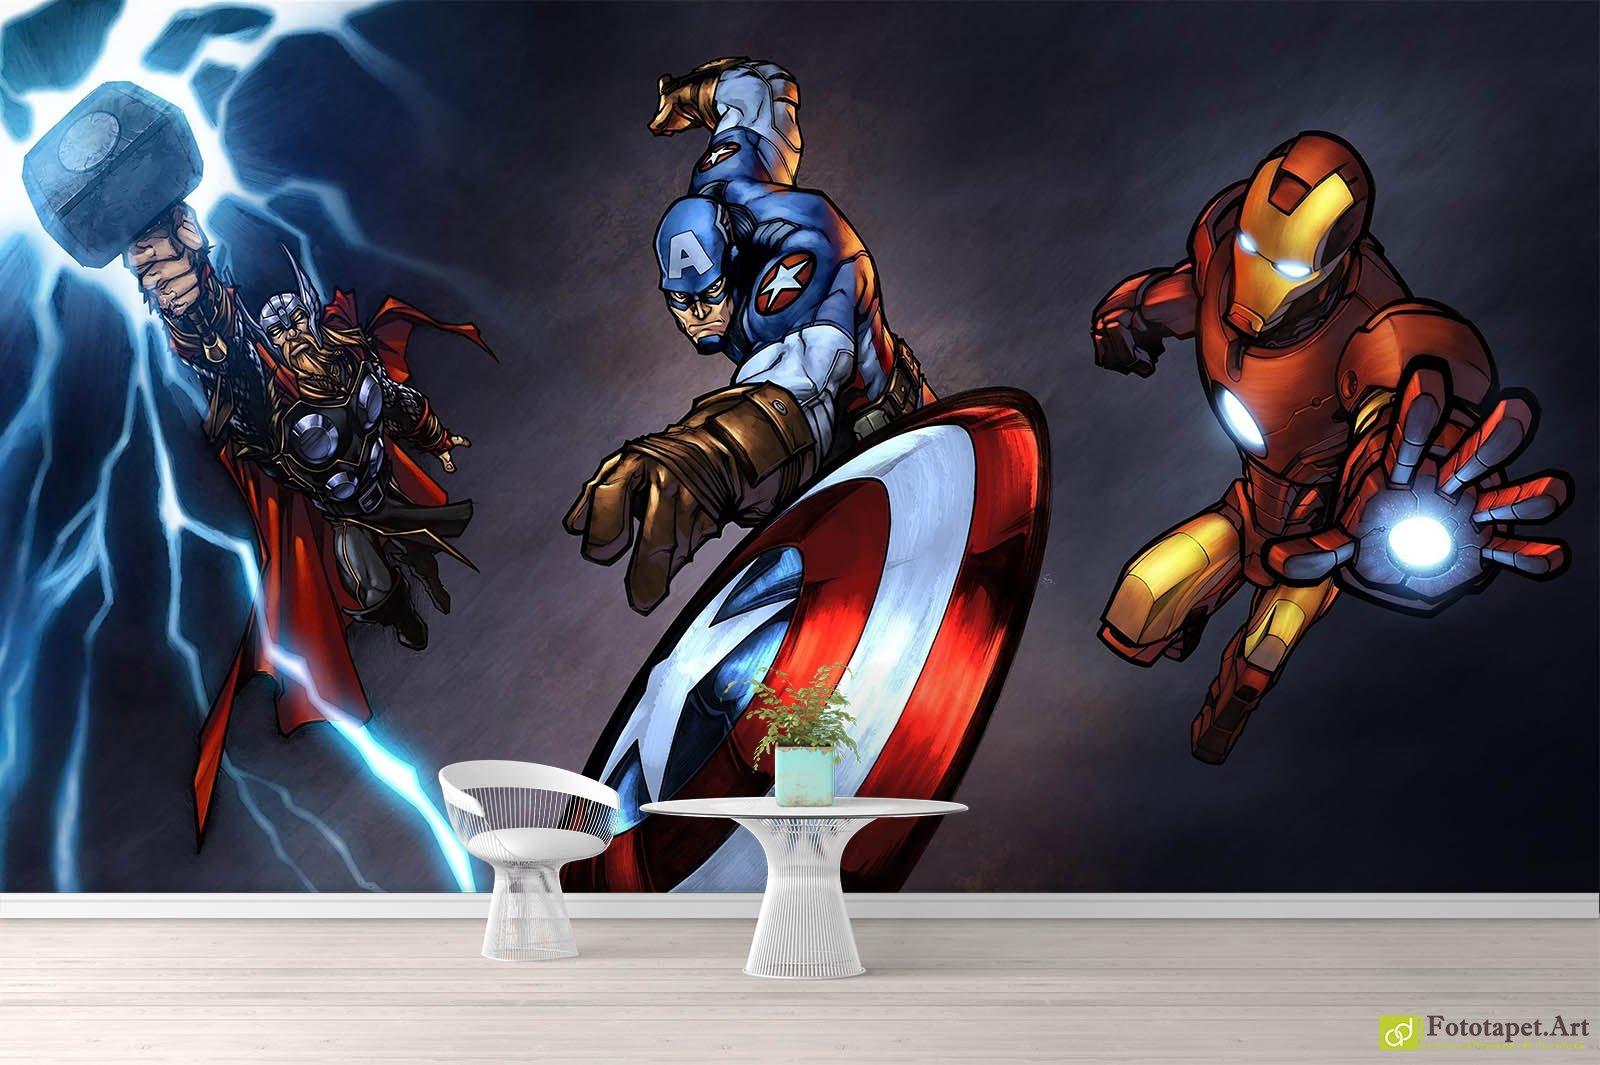 Great Wallpaper Marvel Wall - 1505830066_45645644  2018_882223.jpg